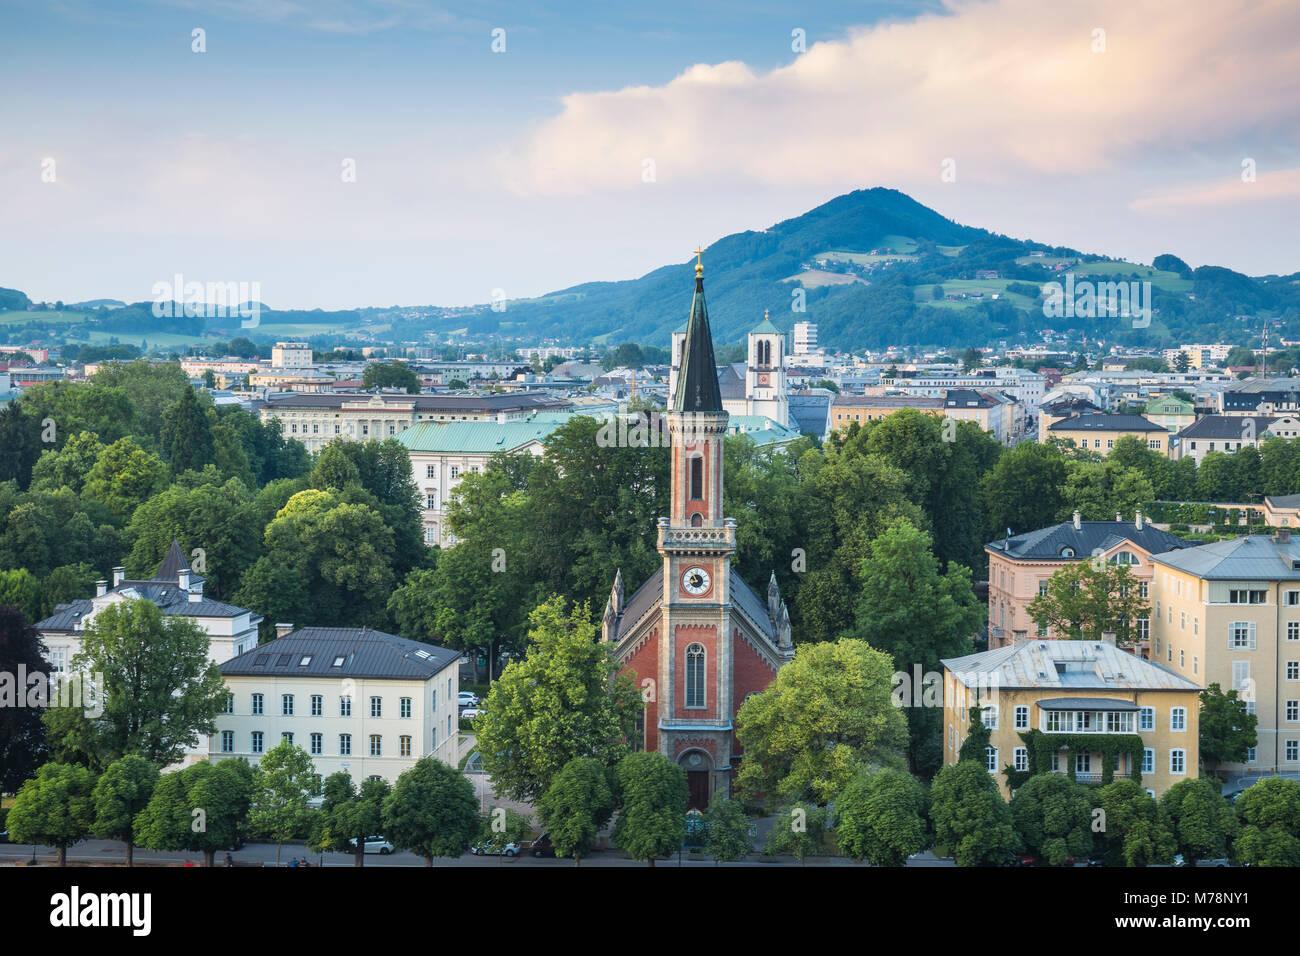 Ansicht der Evangelischen Kirche Christi, Salzburg, Österreich, Europa Stockbild